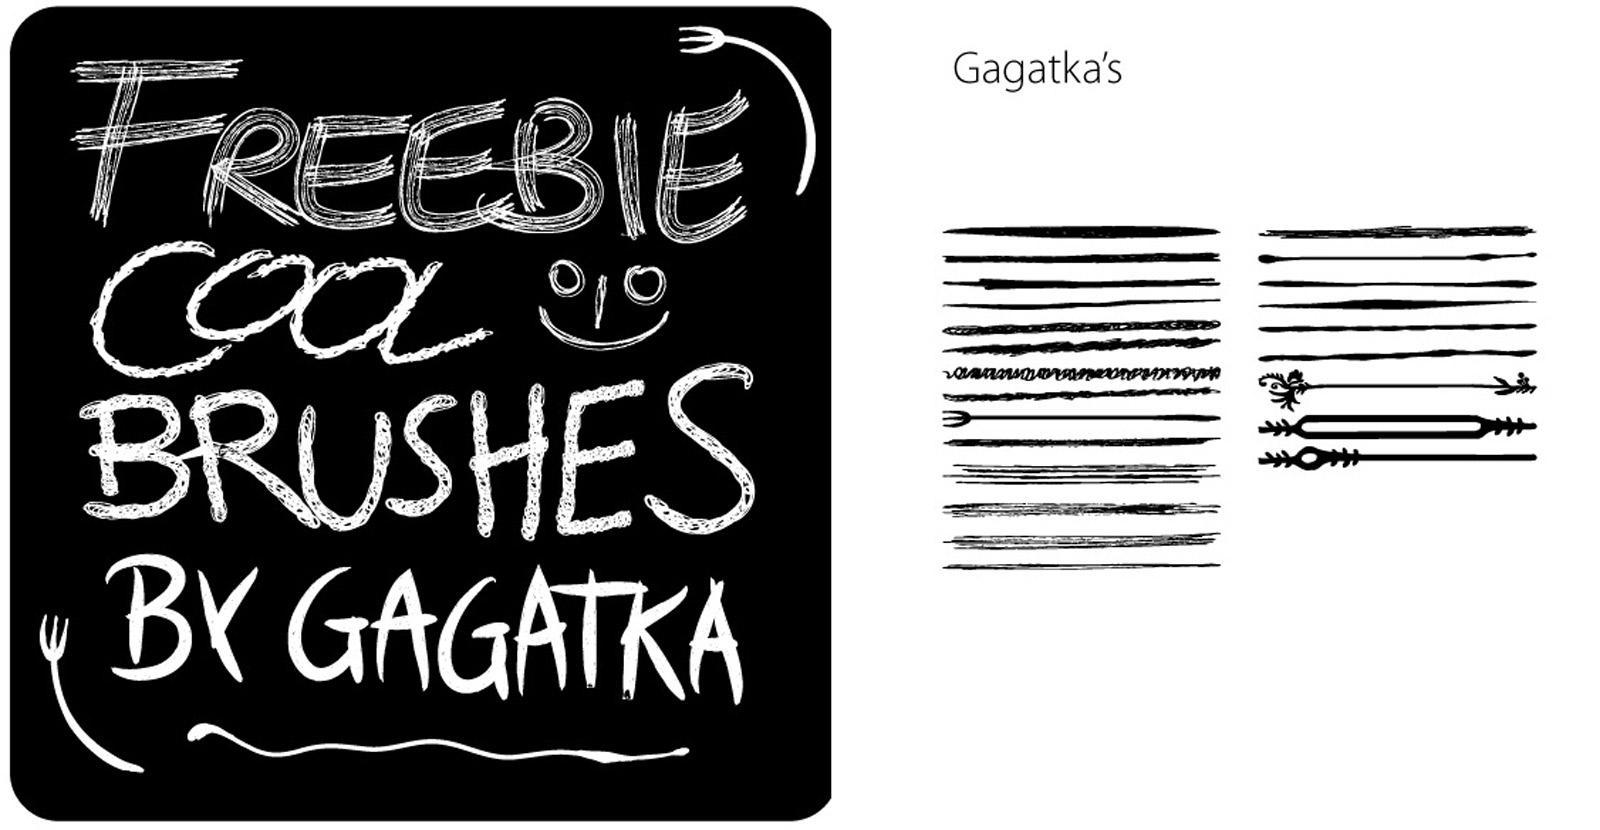 Brushes by gagatka by gagatka27